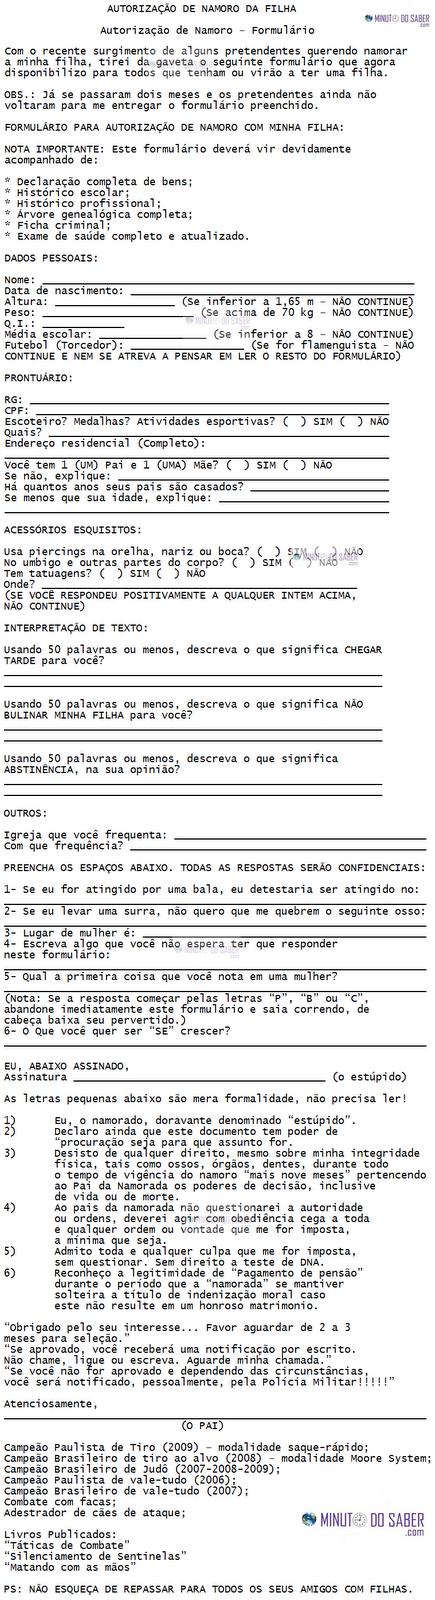 Formulário de autorização de namoro da filha